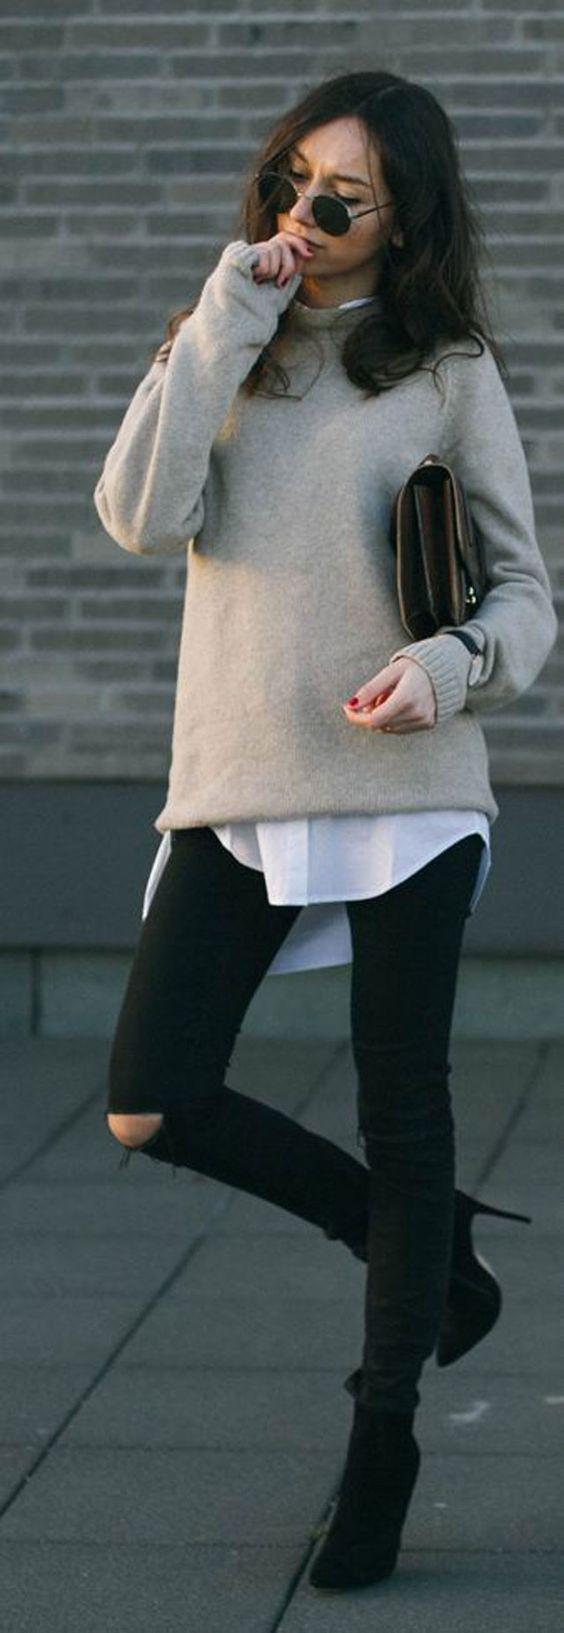 Jean noir + pull beige + chemise: